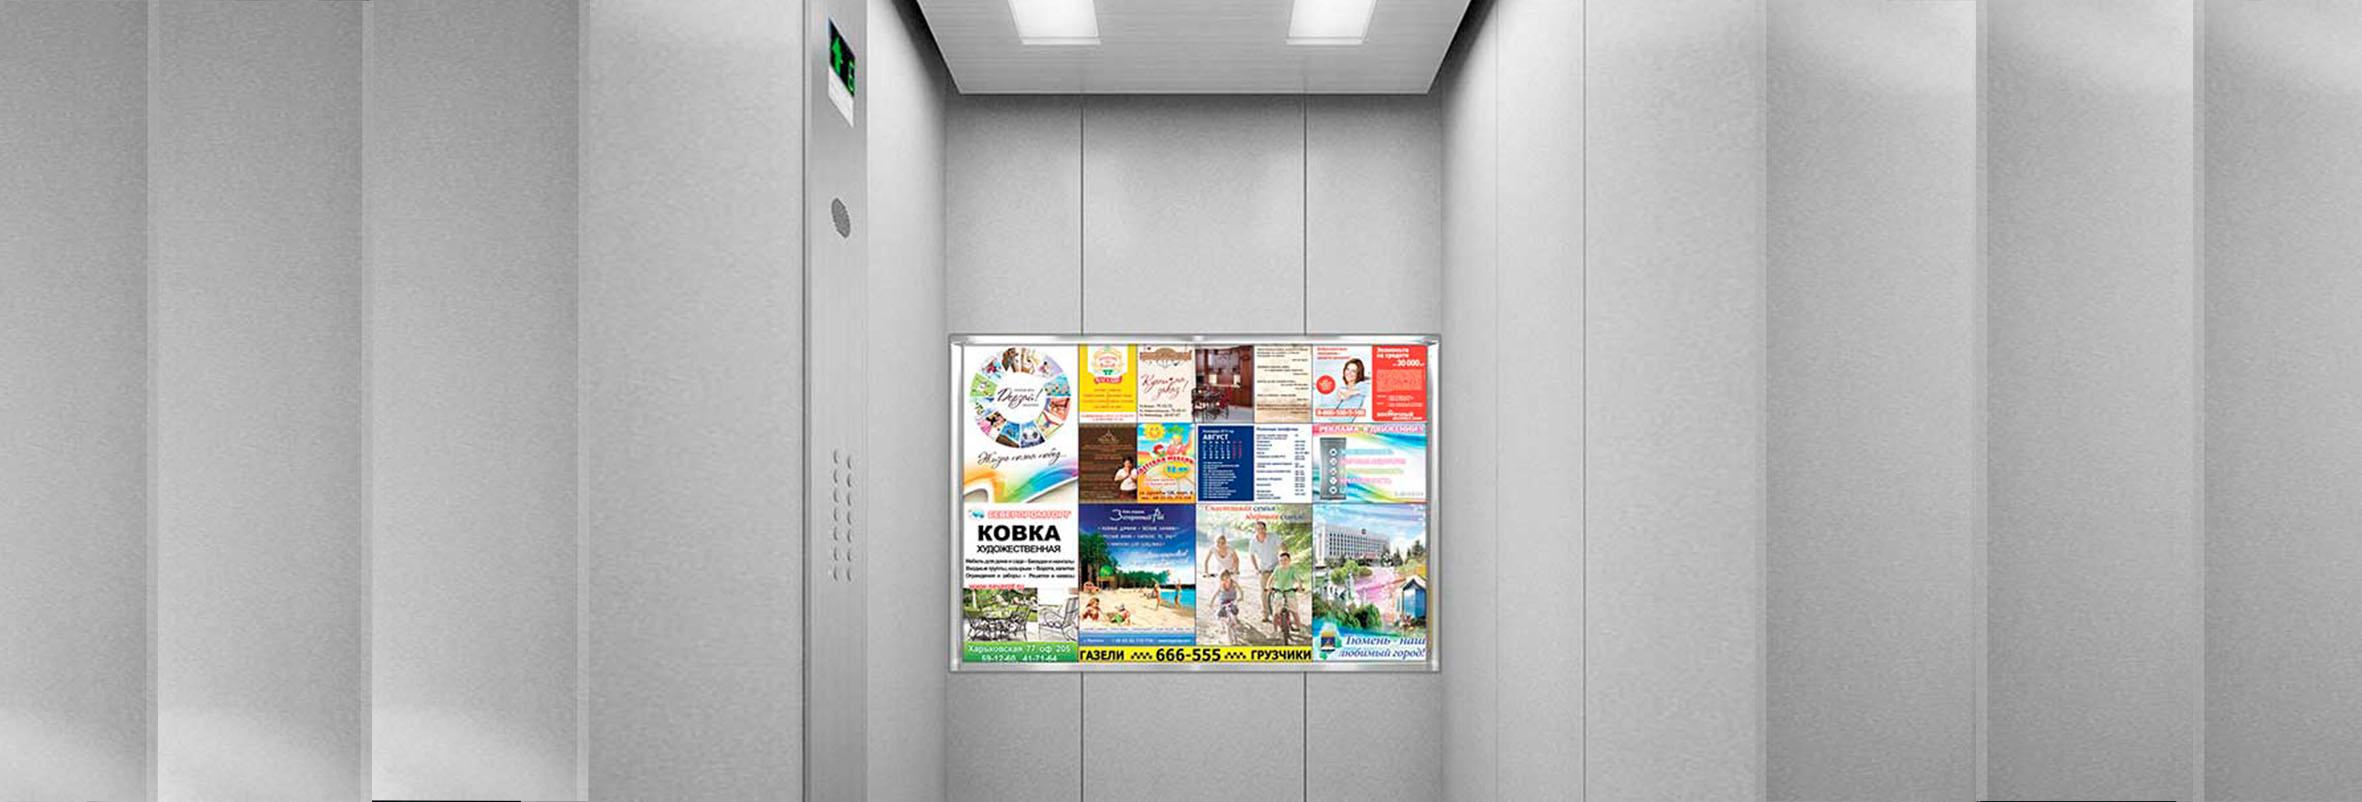 Реклама в лифтах в Нальчике КБР